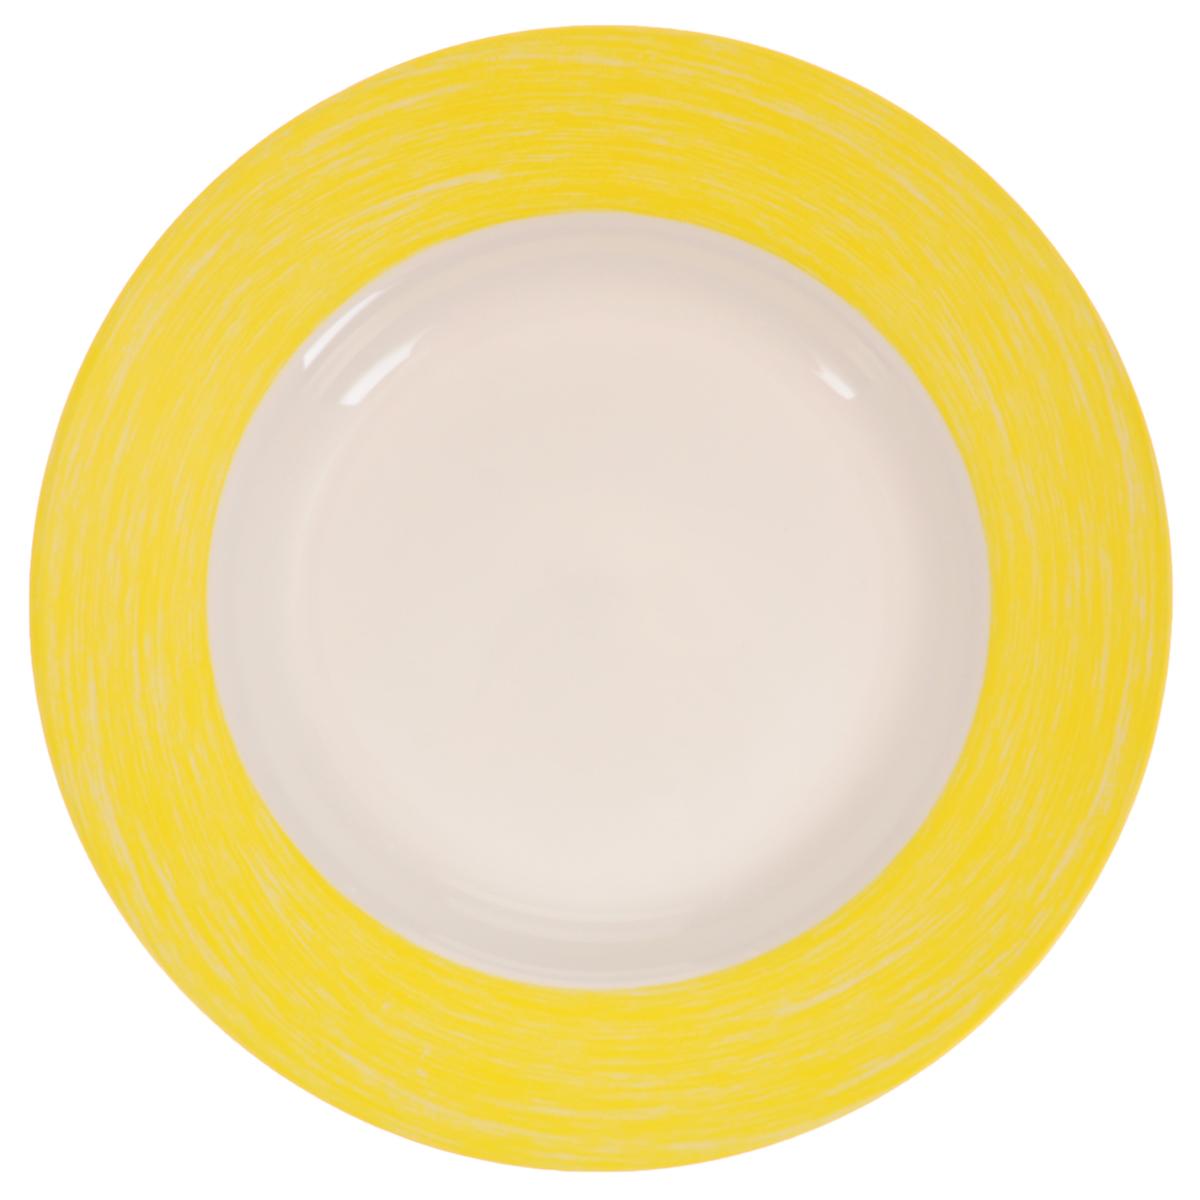 Тарелка глубокая Luminarc Color Days Yellow, диаметр 22 смL1520Глубокая тарелка Luminarc Color Days Yellow, изготовленная из ударопрочного стекла, прекрасно подойдет для подачи различных блюд. Изделие украсит ваш праздничный или обеденный стол, а оригинальное исполнение понравится любой хозяйке. Диаметр тарелки (по верхнему краю): 22 см.